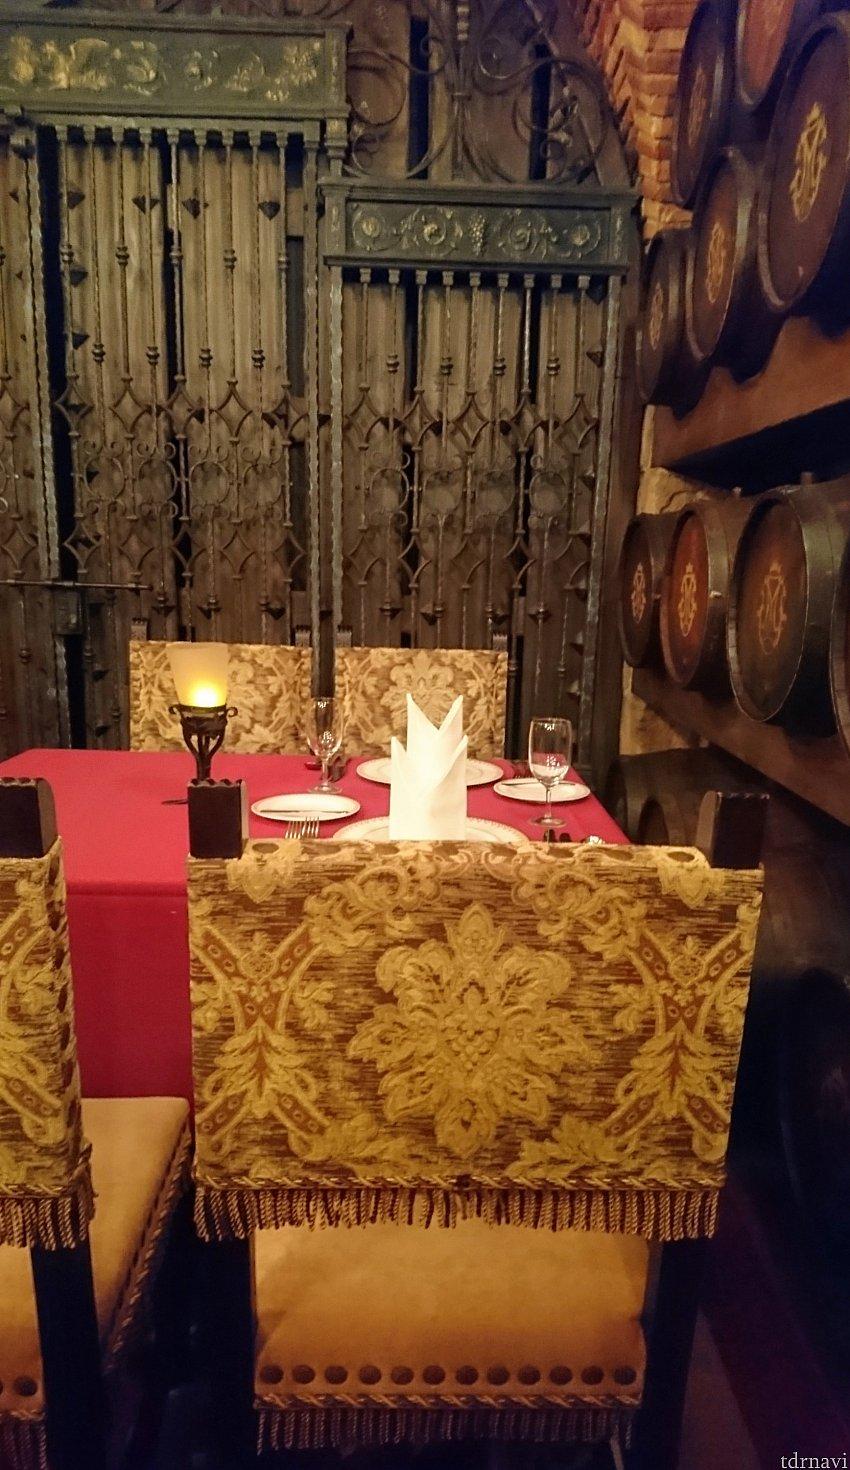 テーブルクロスに映える食器、ゴージャスな椅子。